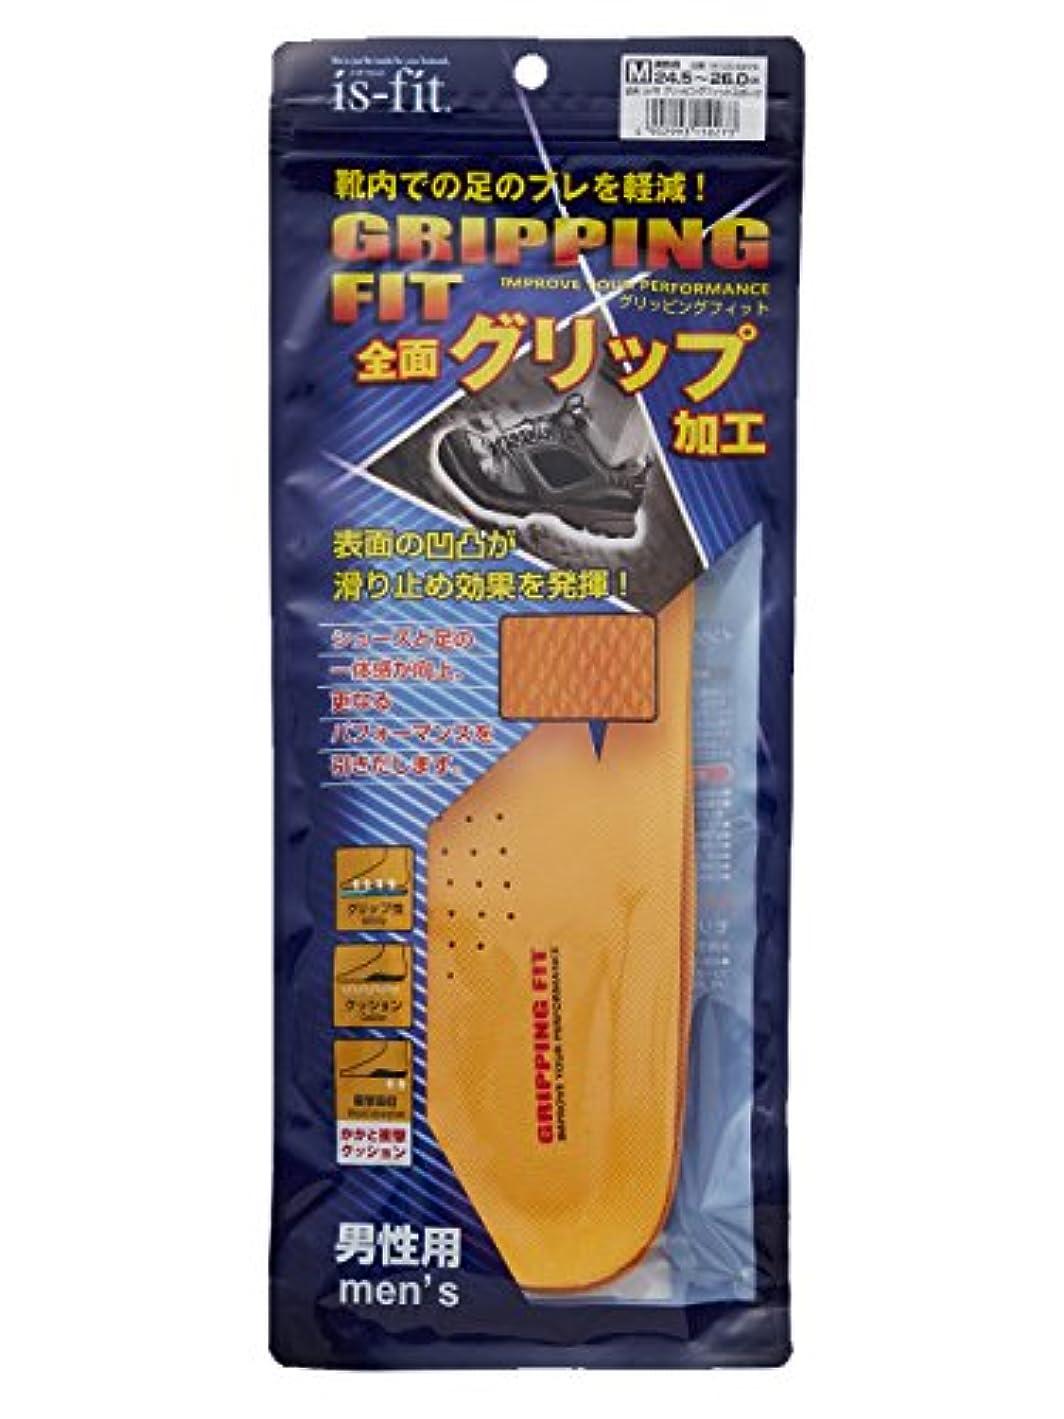 罪高く造船is-fit グリッピングフィット インソール 男性用 L 26.5~28.0cm